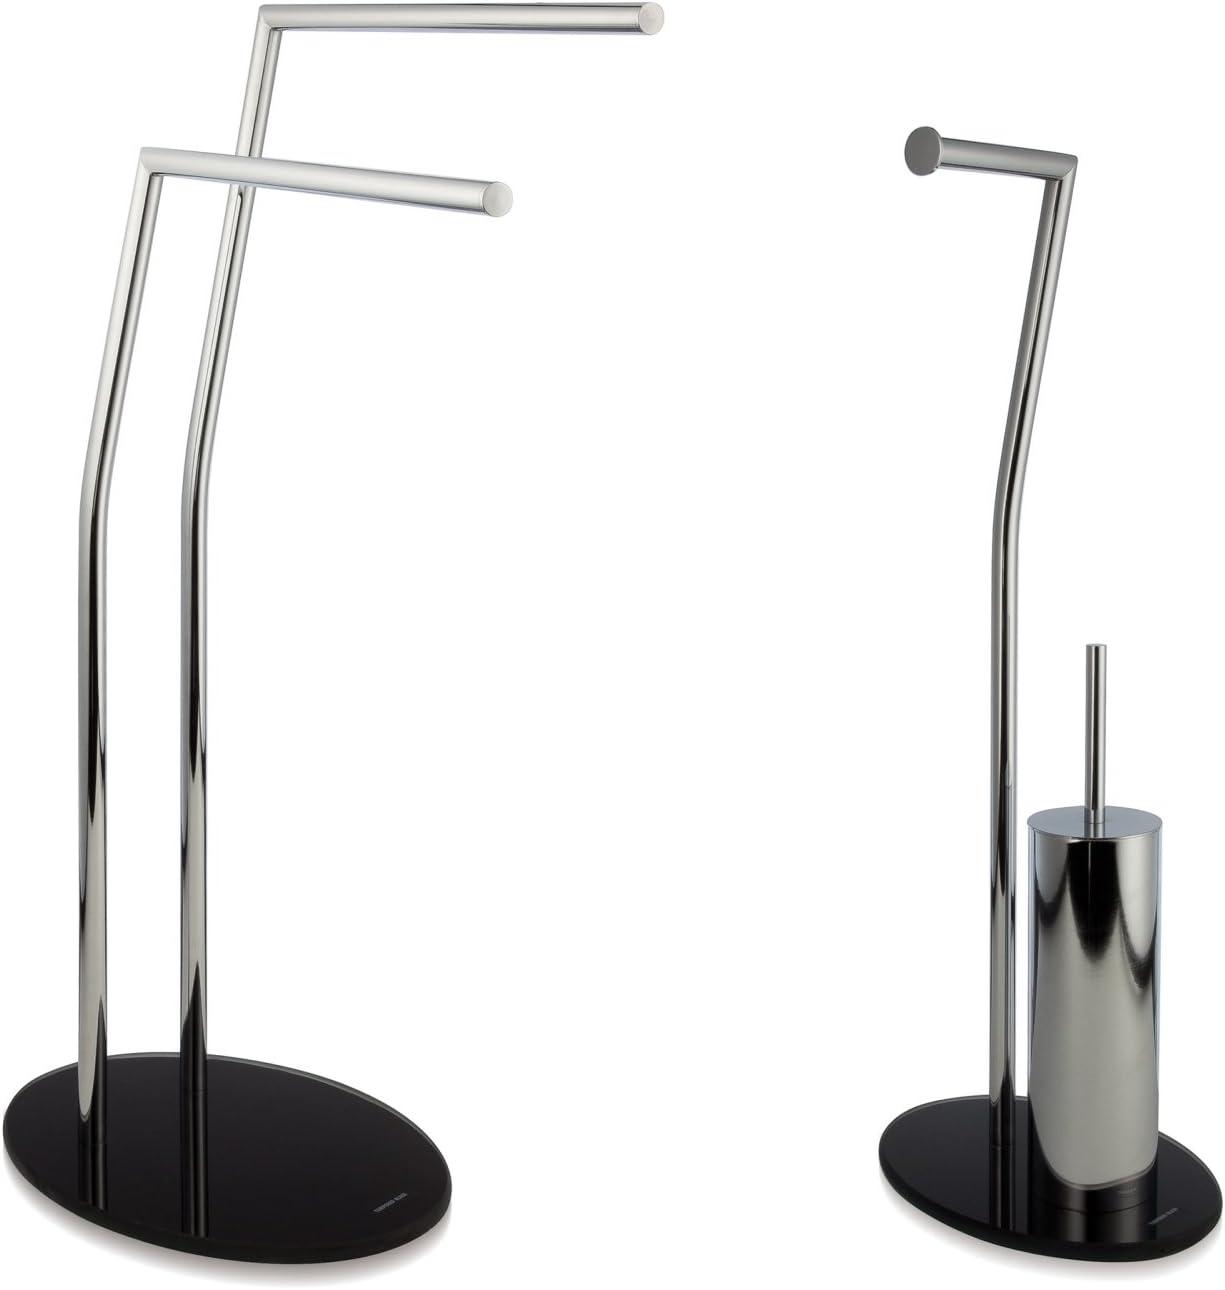 m/öve Stand Handtuchhalter mit bruchsicherem Glas verchromt 50 x 23 x 82 cm silver